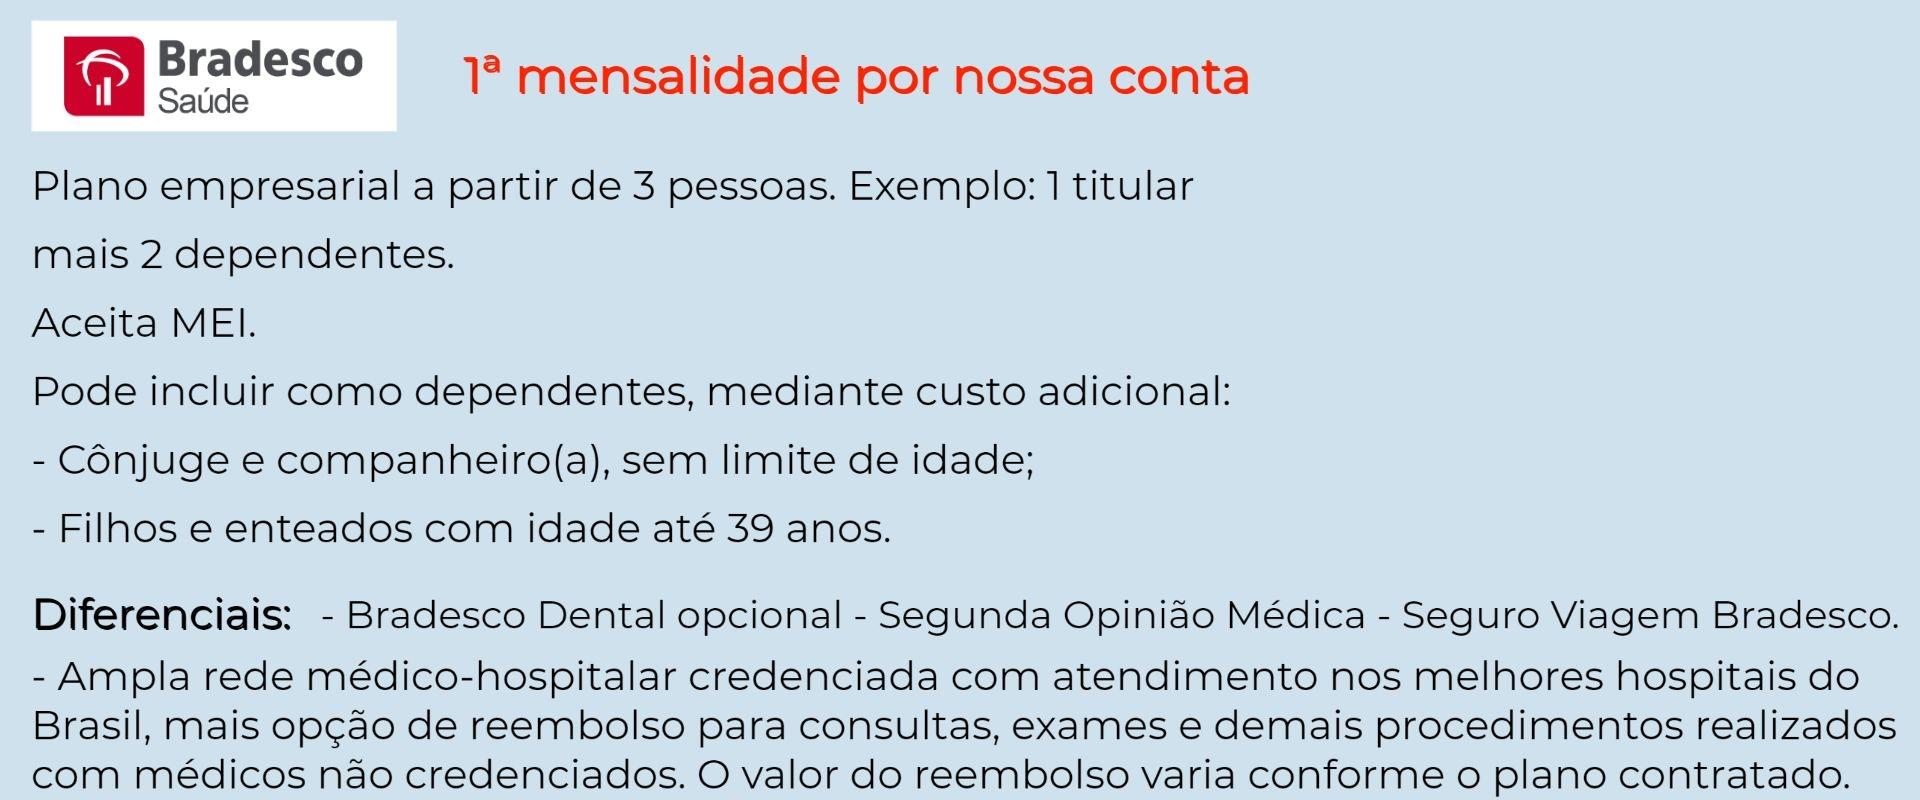 Bradesco Saúde Empresarial - Ferraz de Vasconcelos